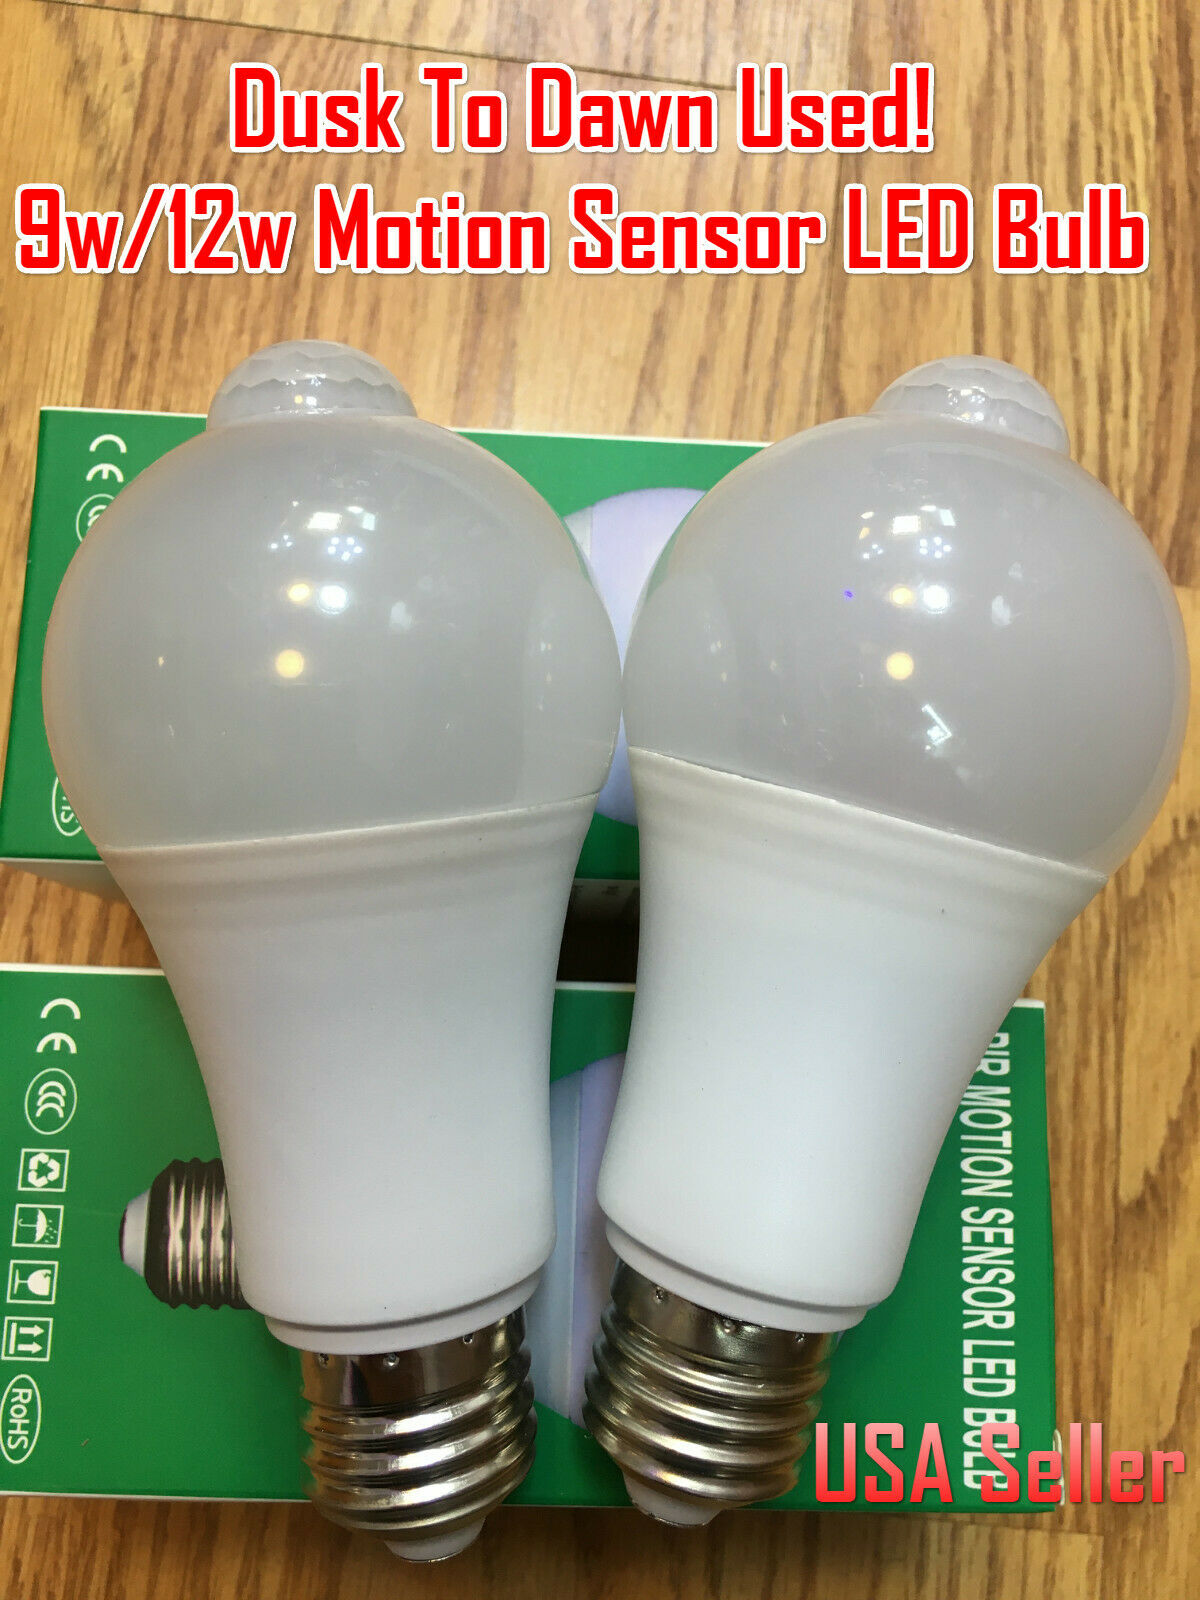 Outdoor Motion Radar Sensor Light Dusk Dawn Led Bulb Energy Saving Detection For Sale Online Ebay